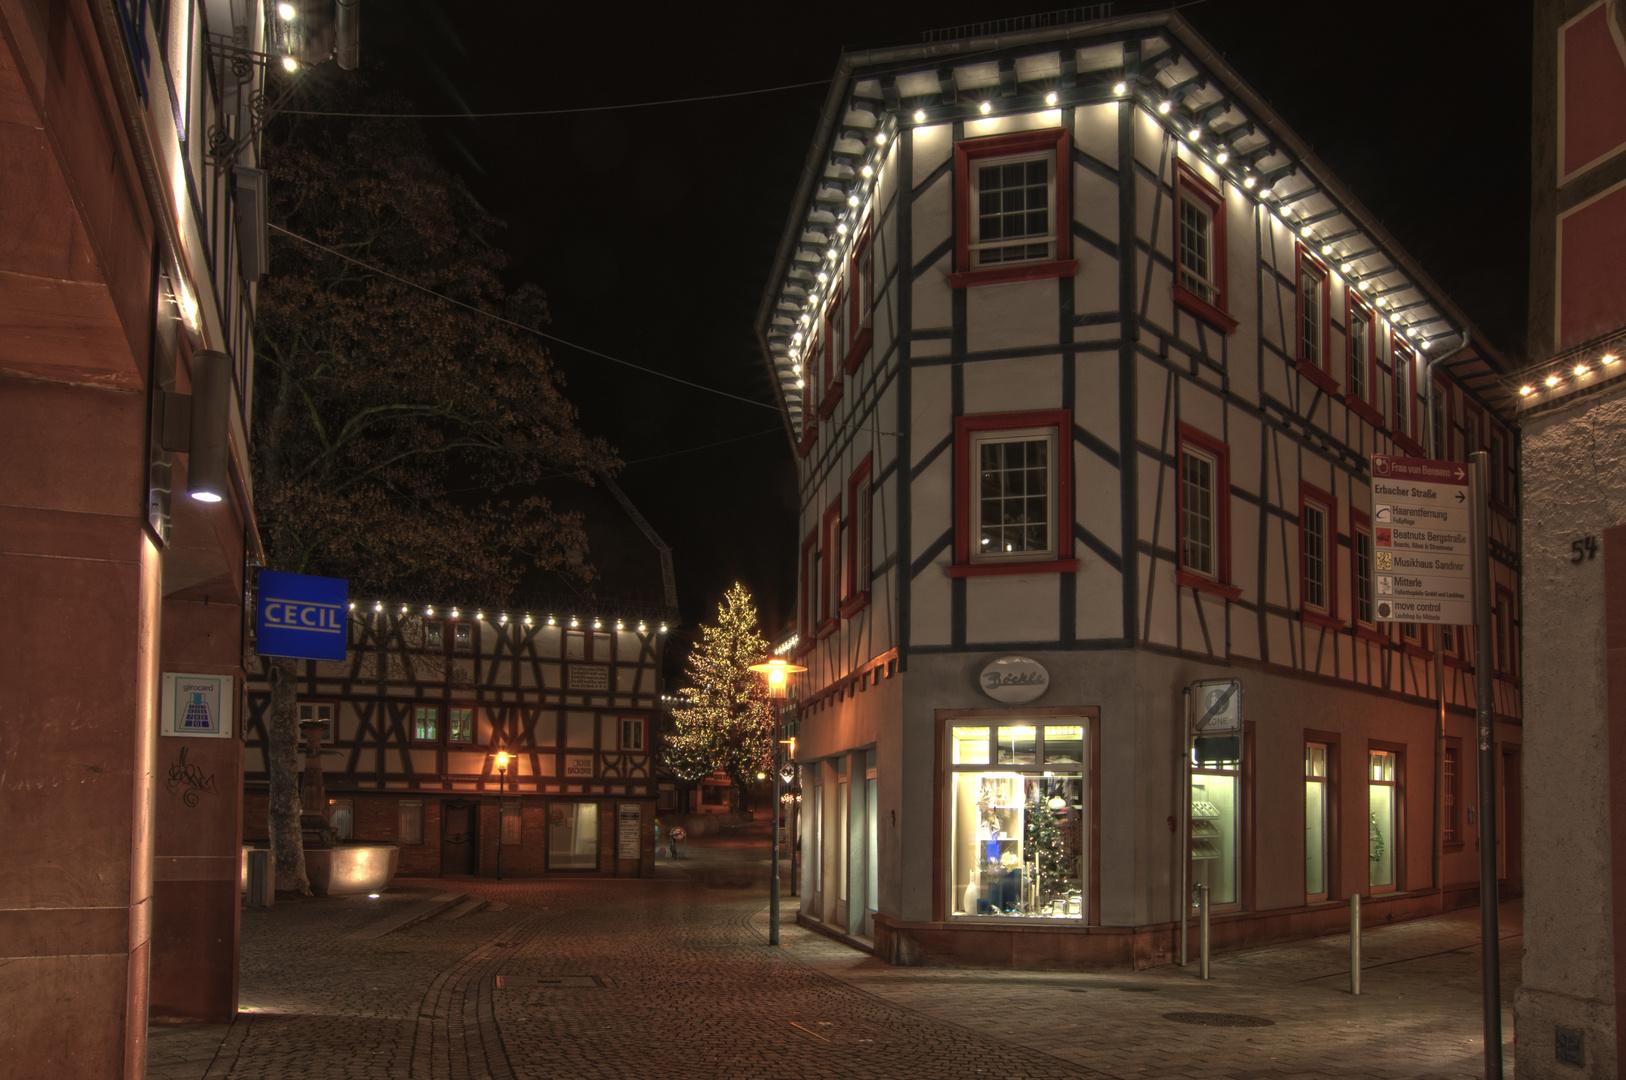 Bensheim bei Nacht